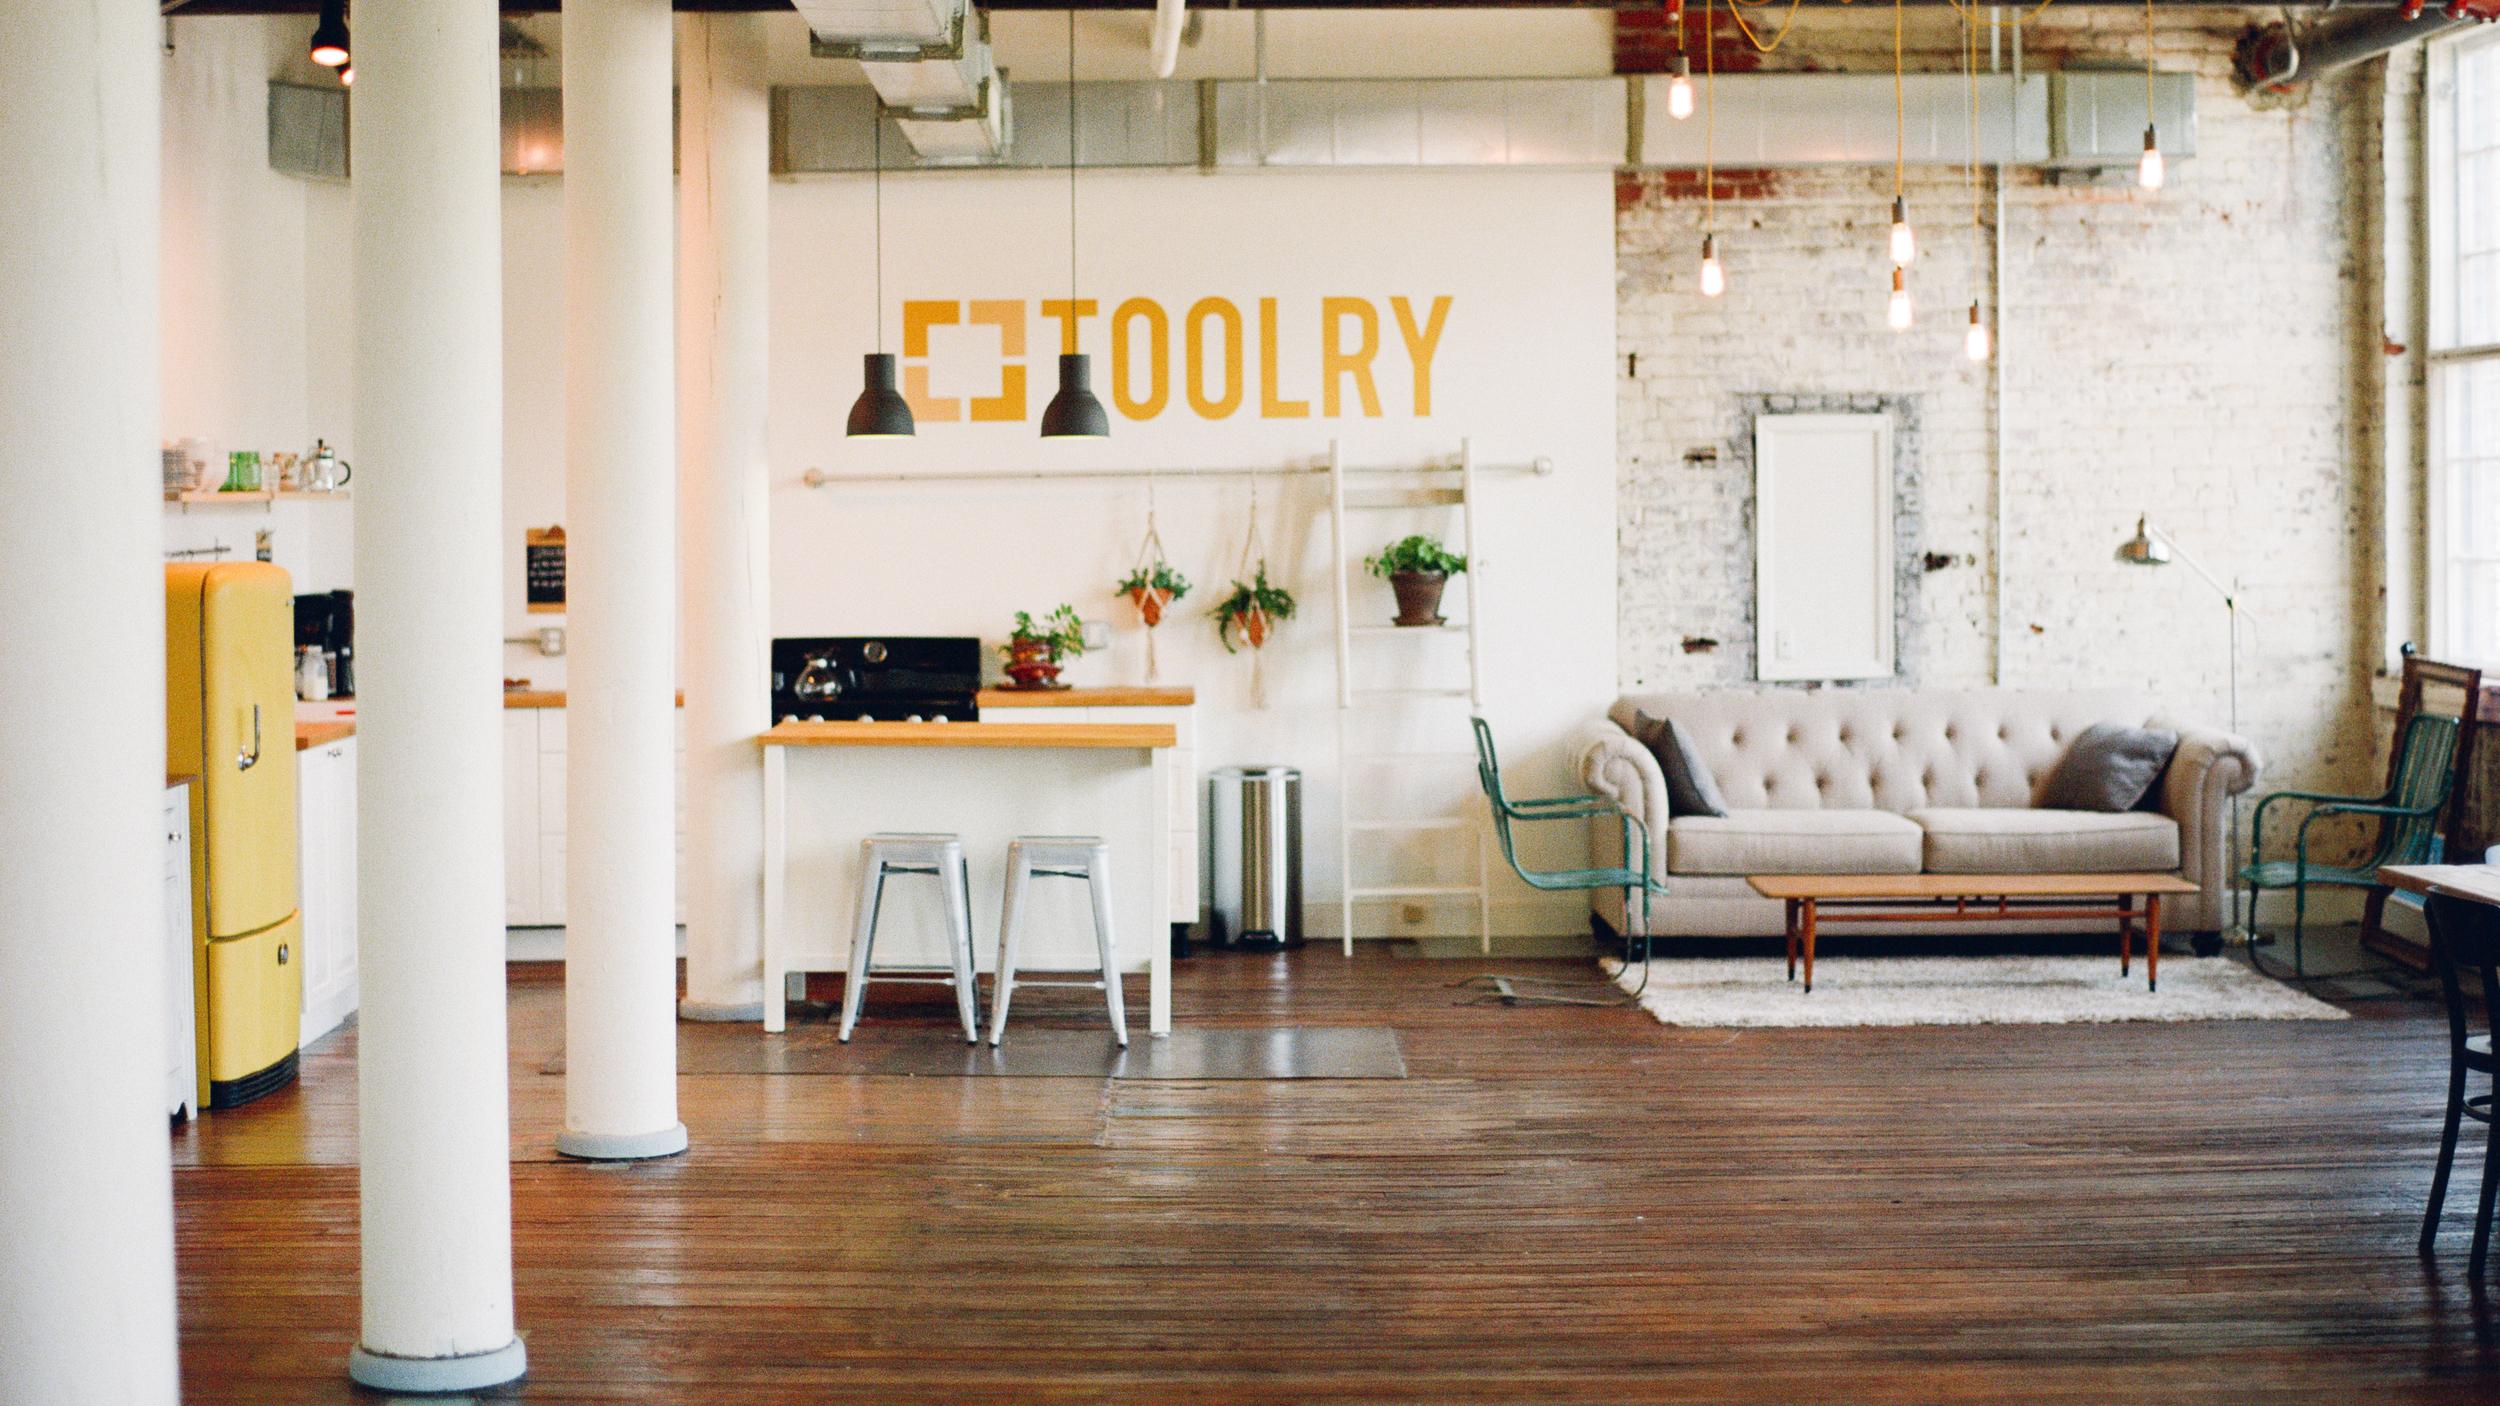 Toolry